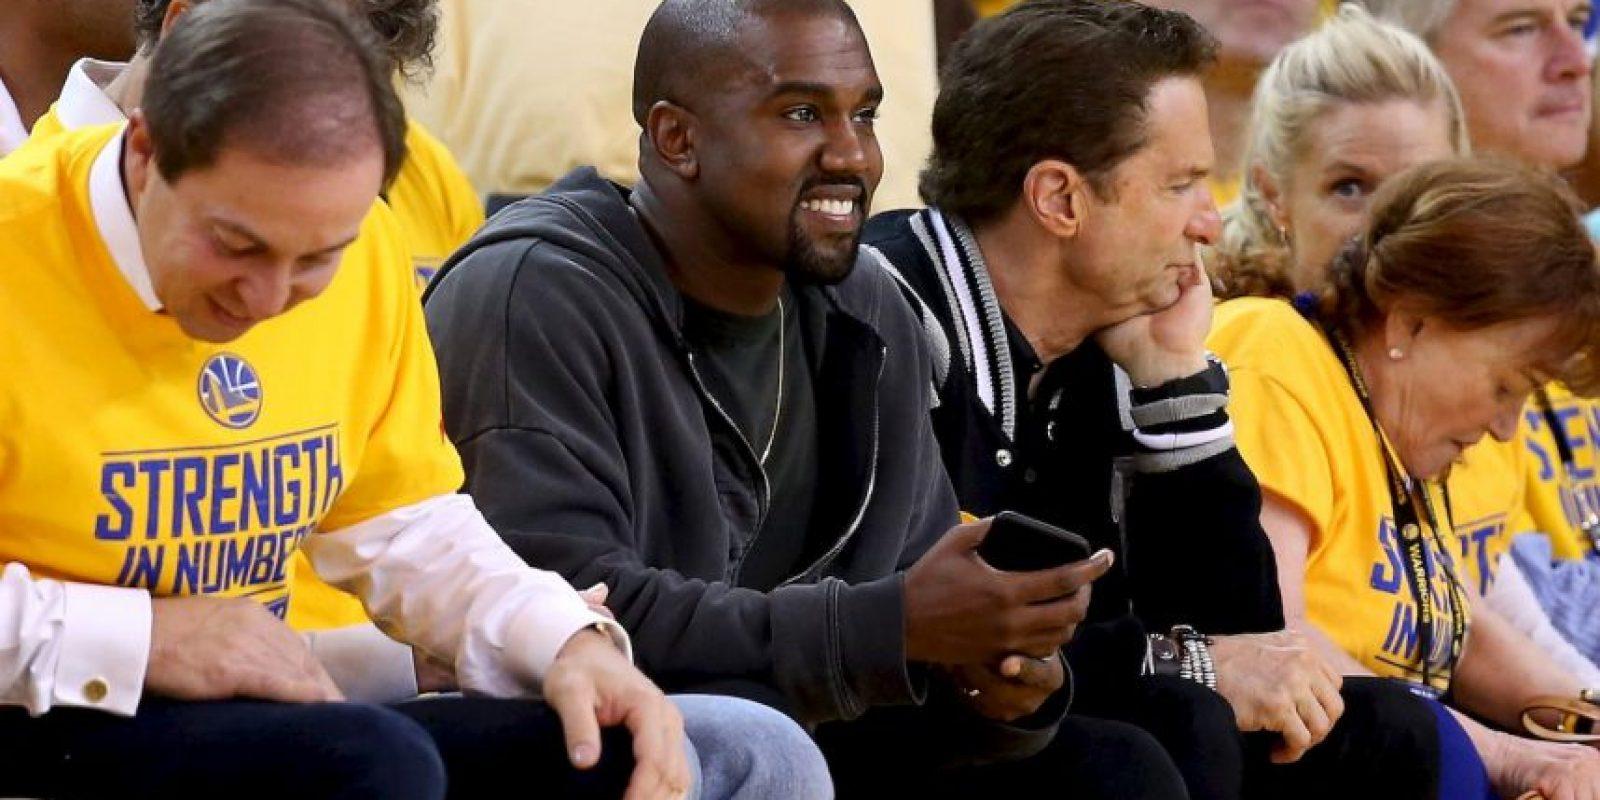 El rapero fue abucheado por el público en la Oracle Arena de Oakland, California. Foto:Getty Images